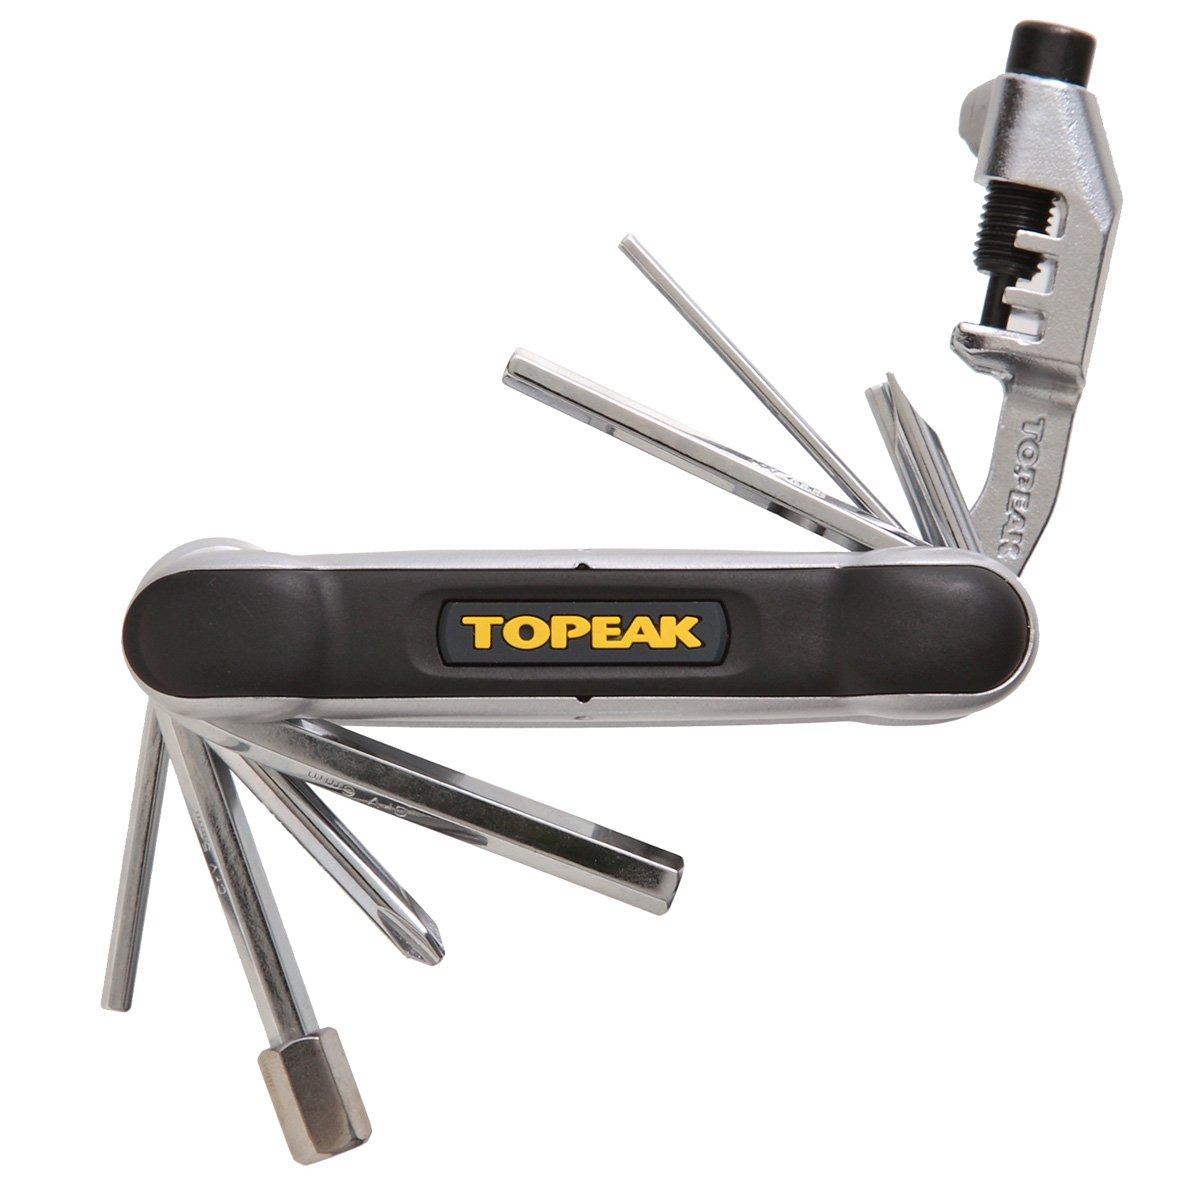 TOPEAK/ヘキサス II